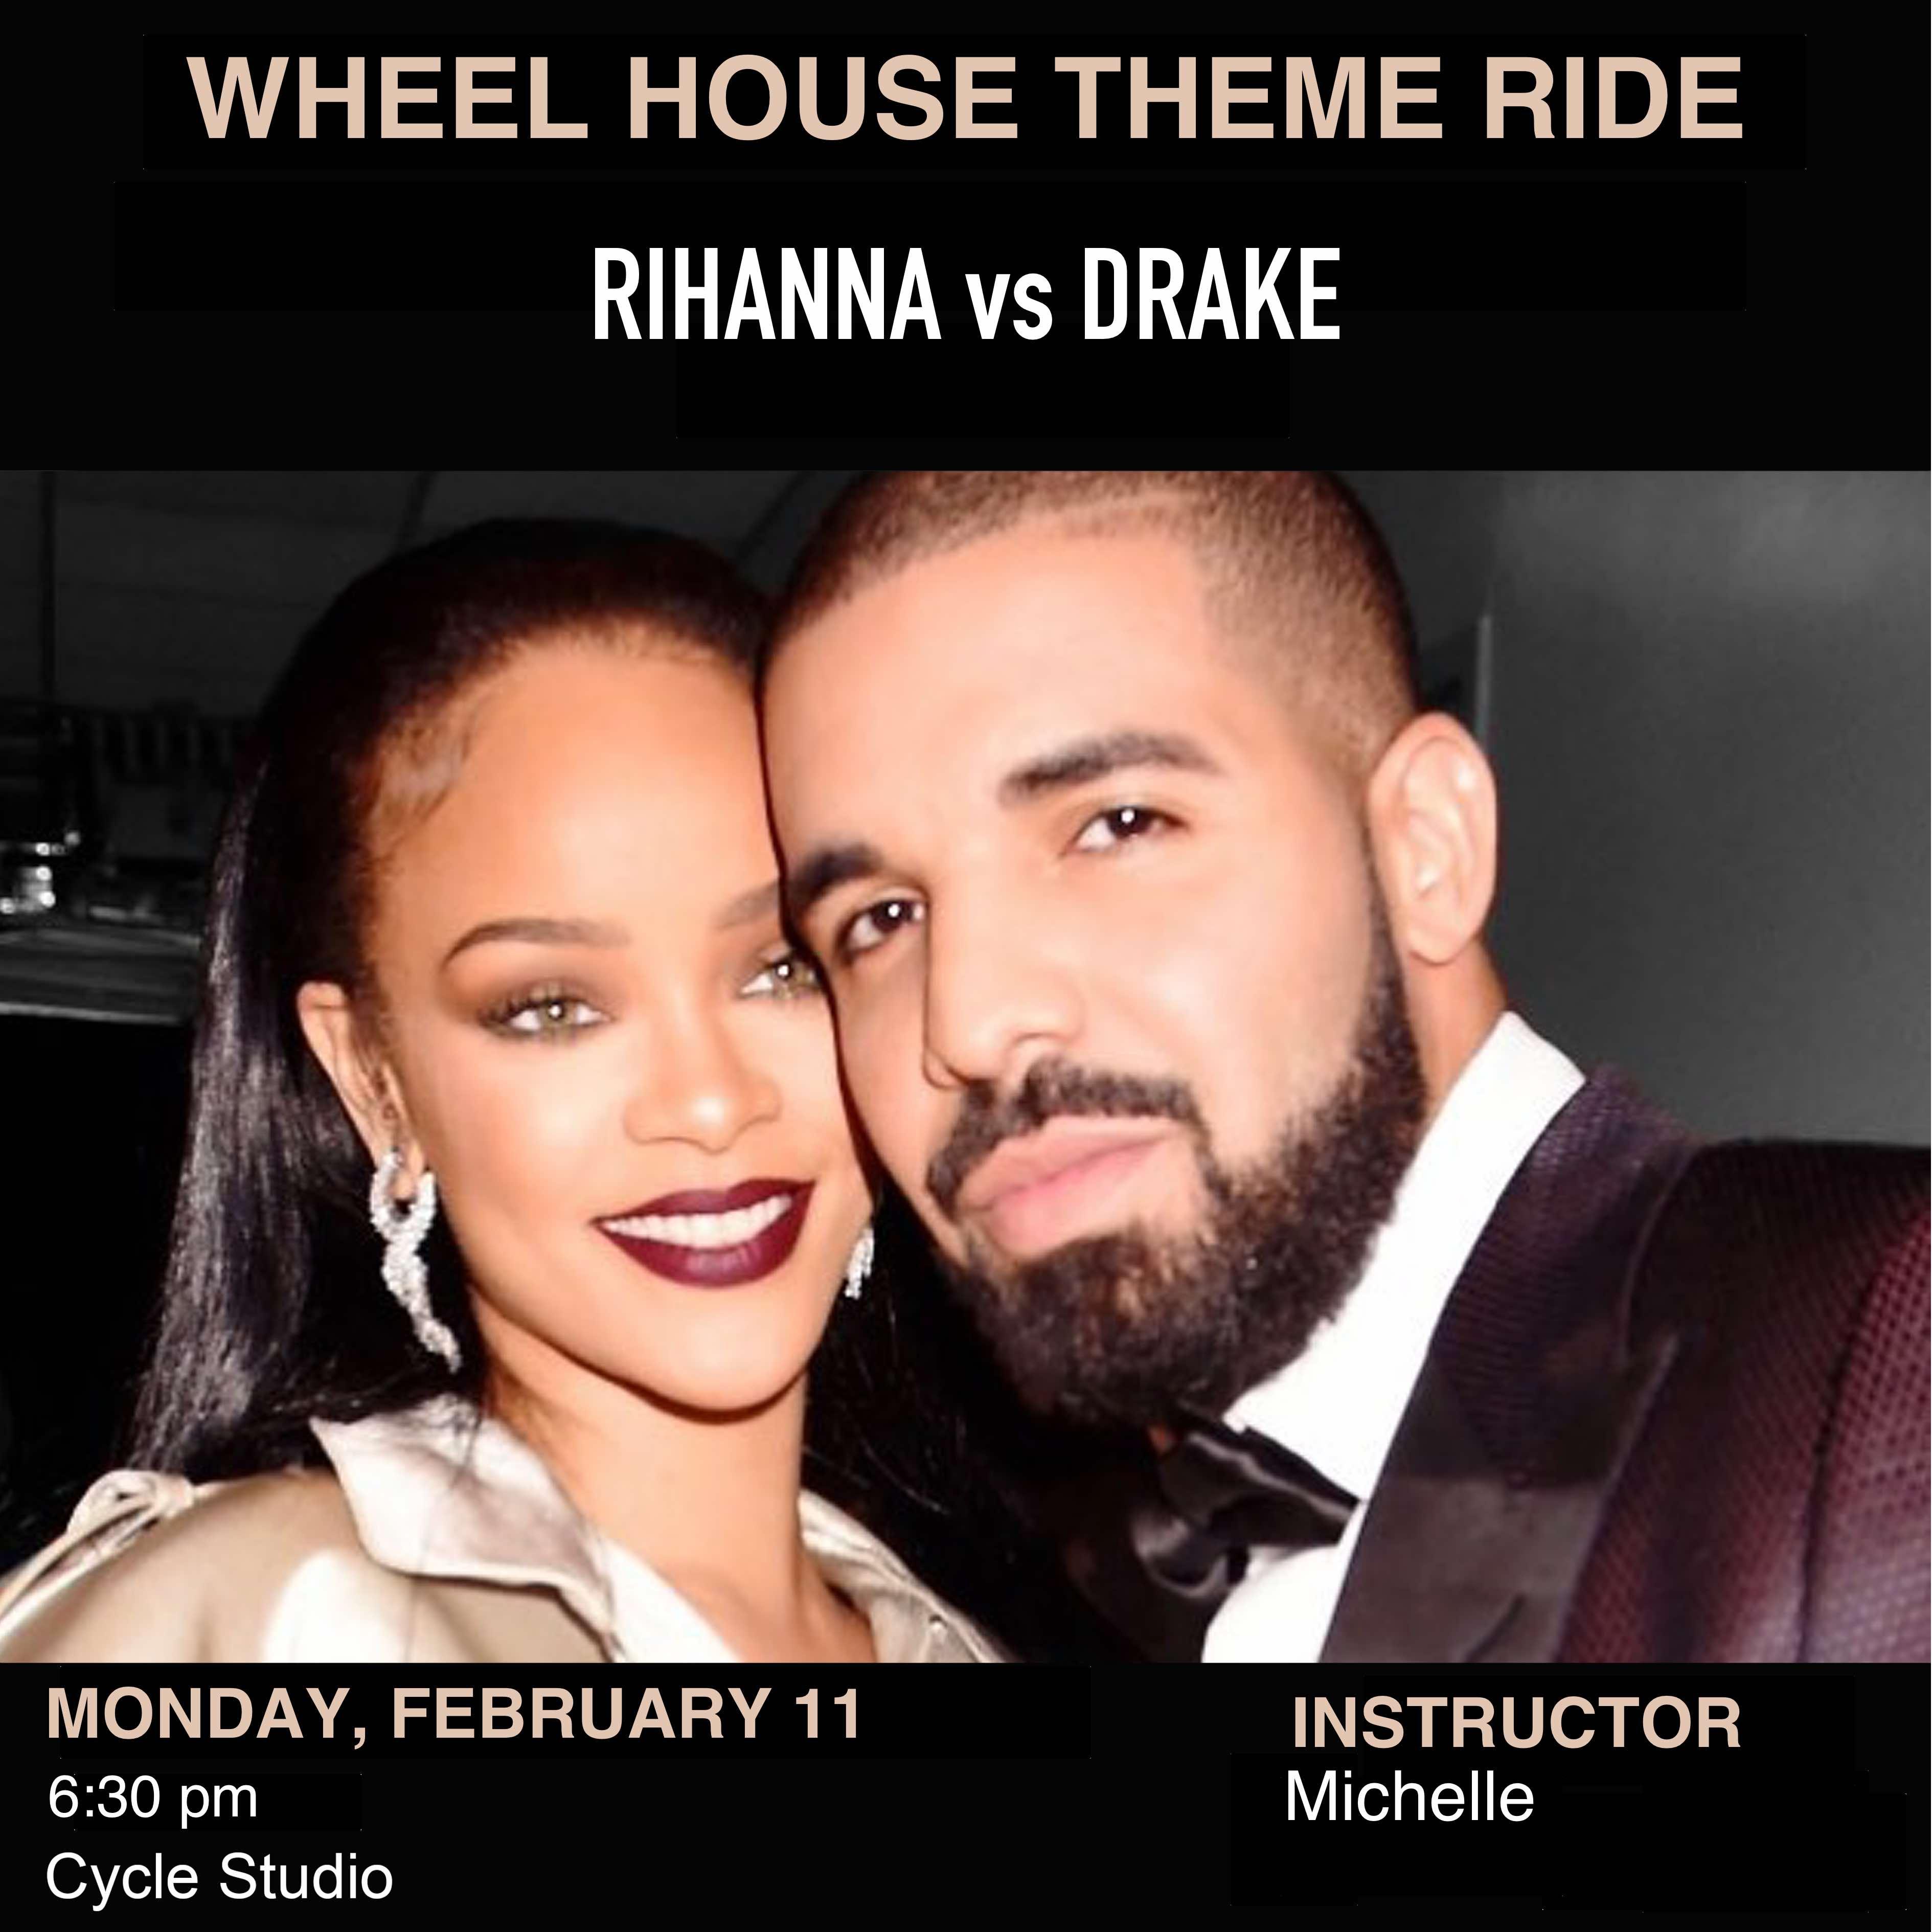 Rihanna vs Drake